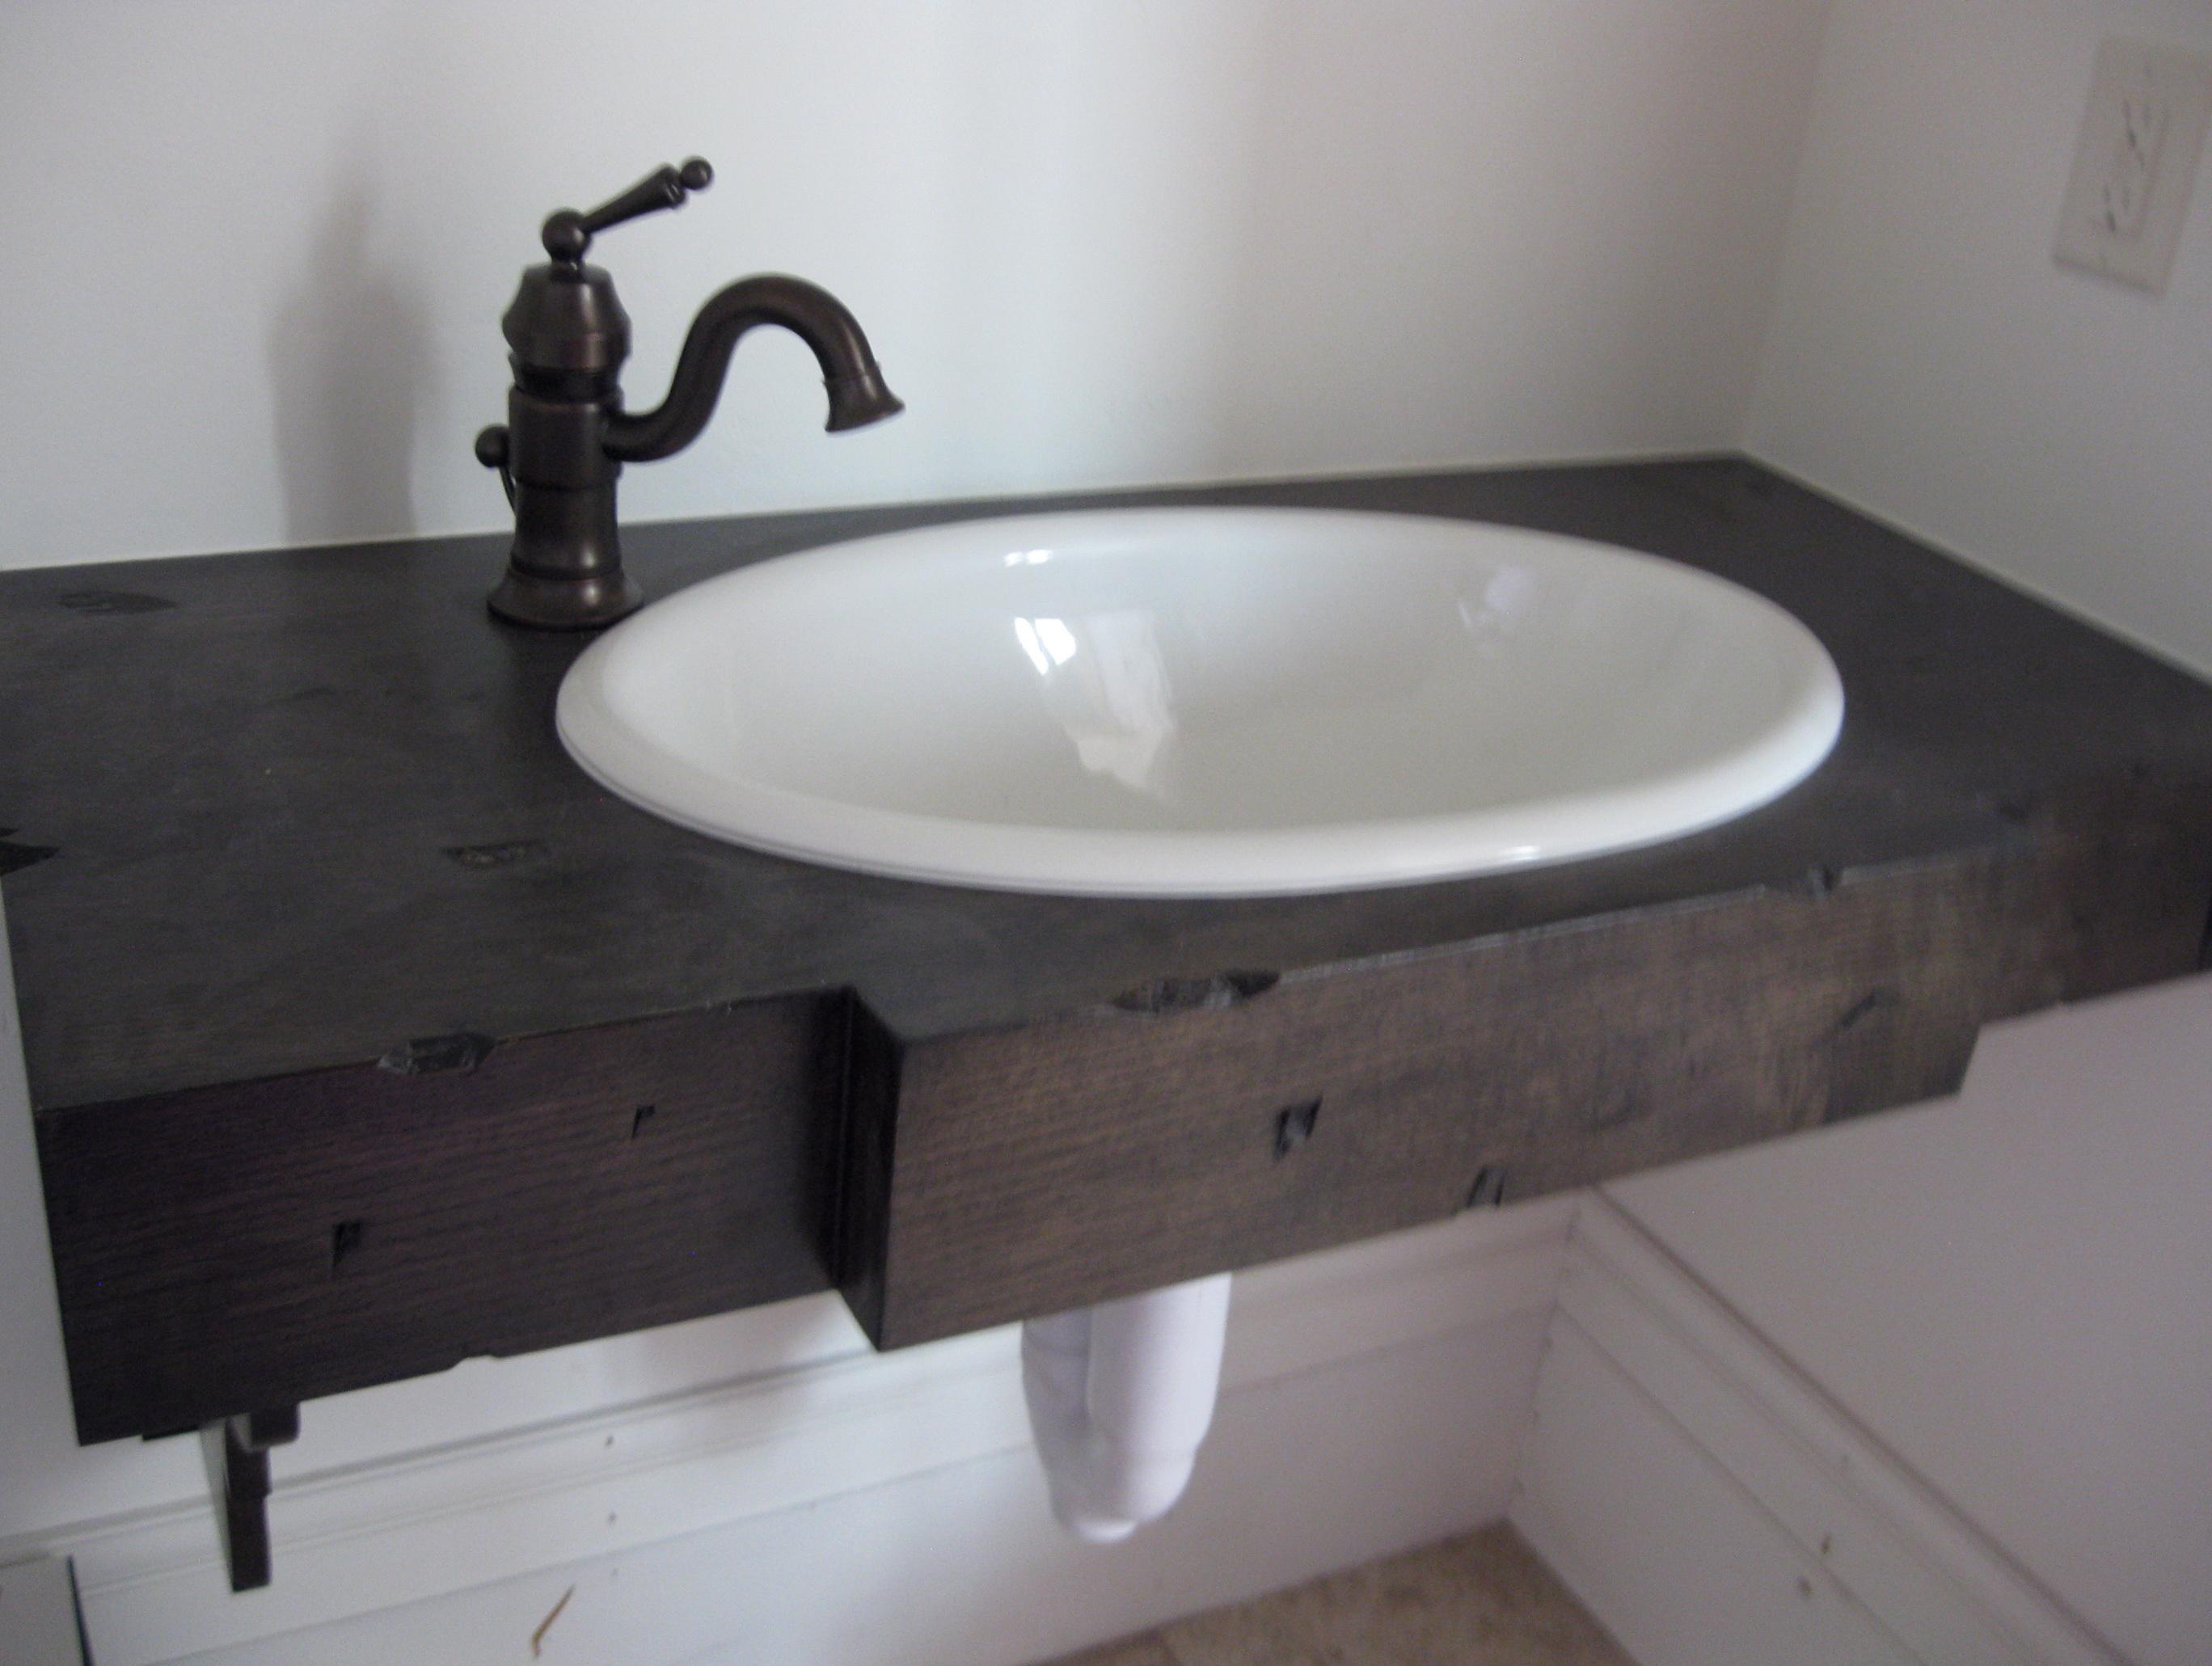 Ada compliant bathroom fixtures - Ada Compliant Bathroom Sinks And Vanities